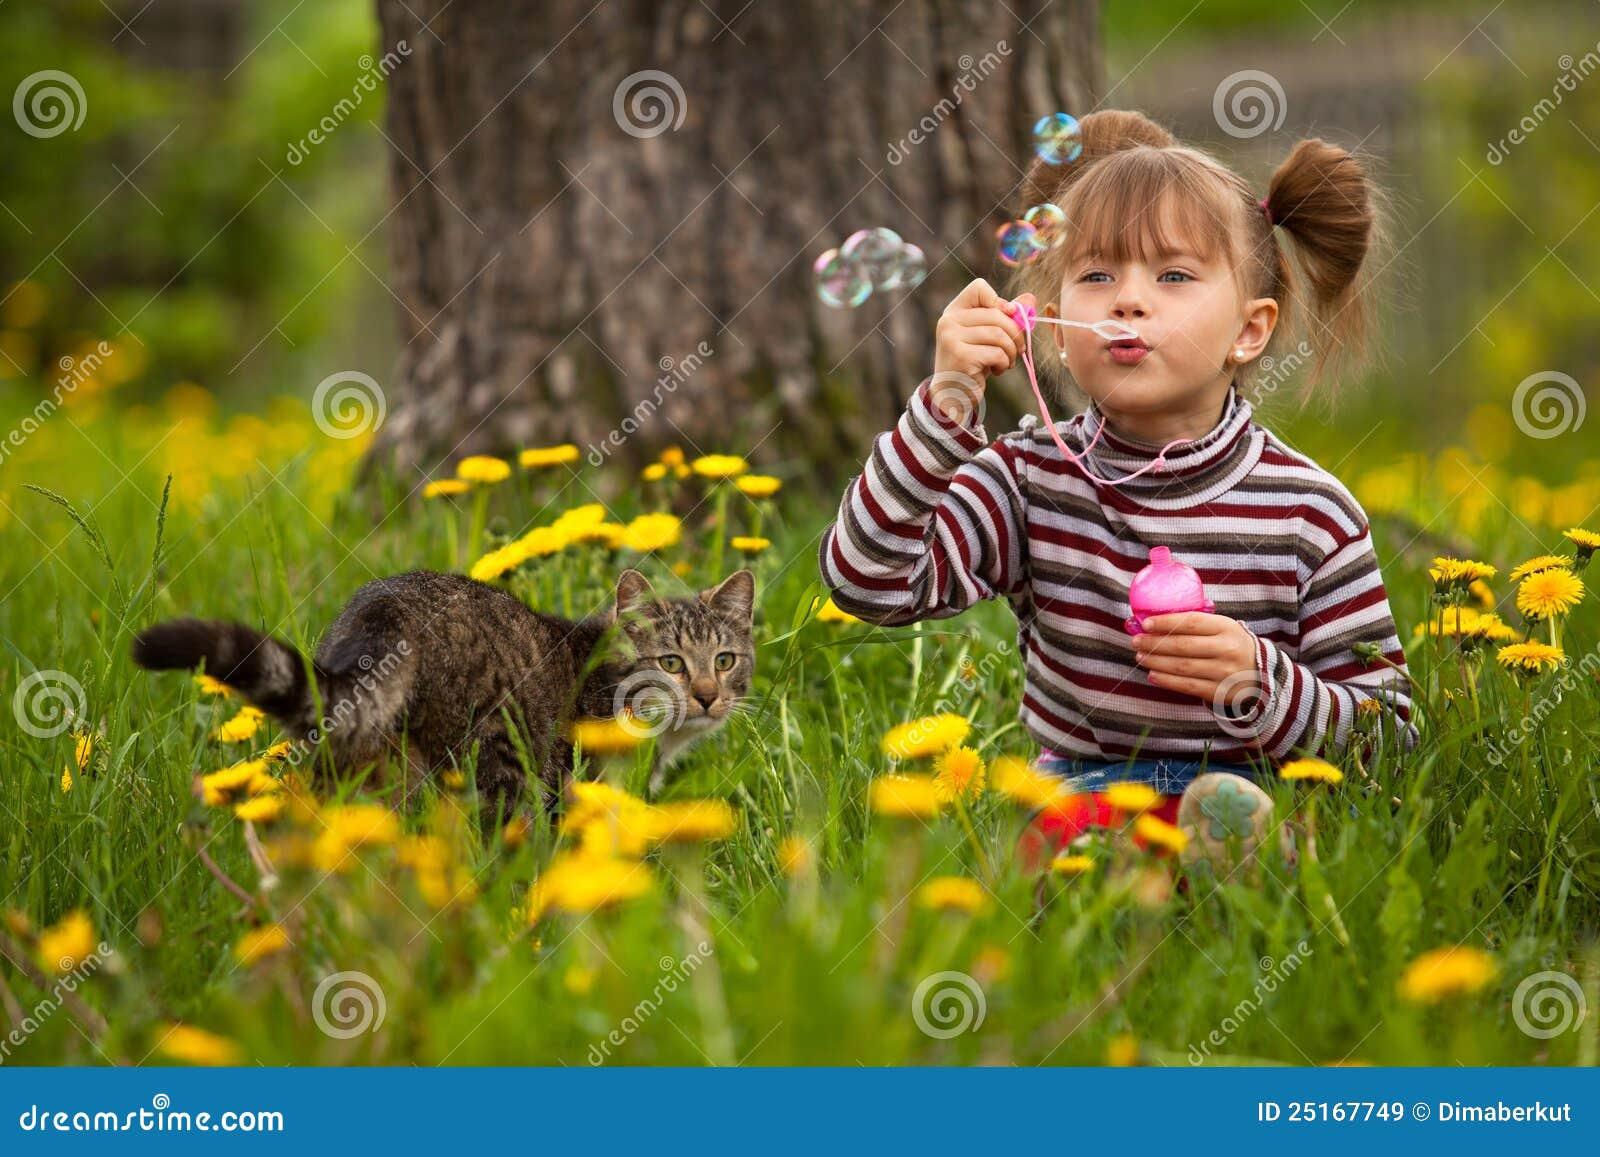 Portrait der lustigen durchbrennenseifenluftblasen des kleinen Mädchens